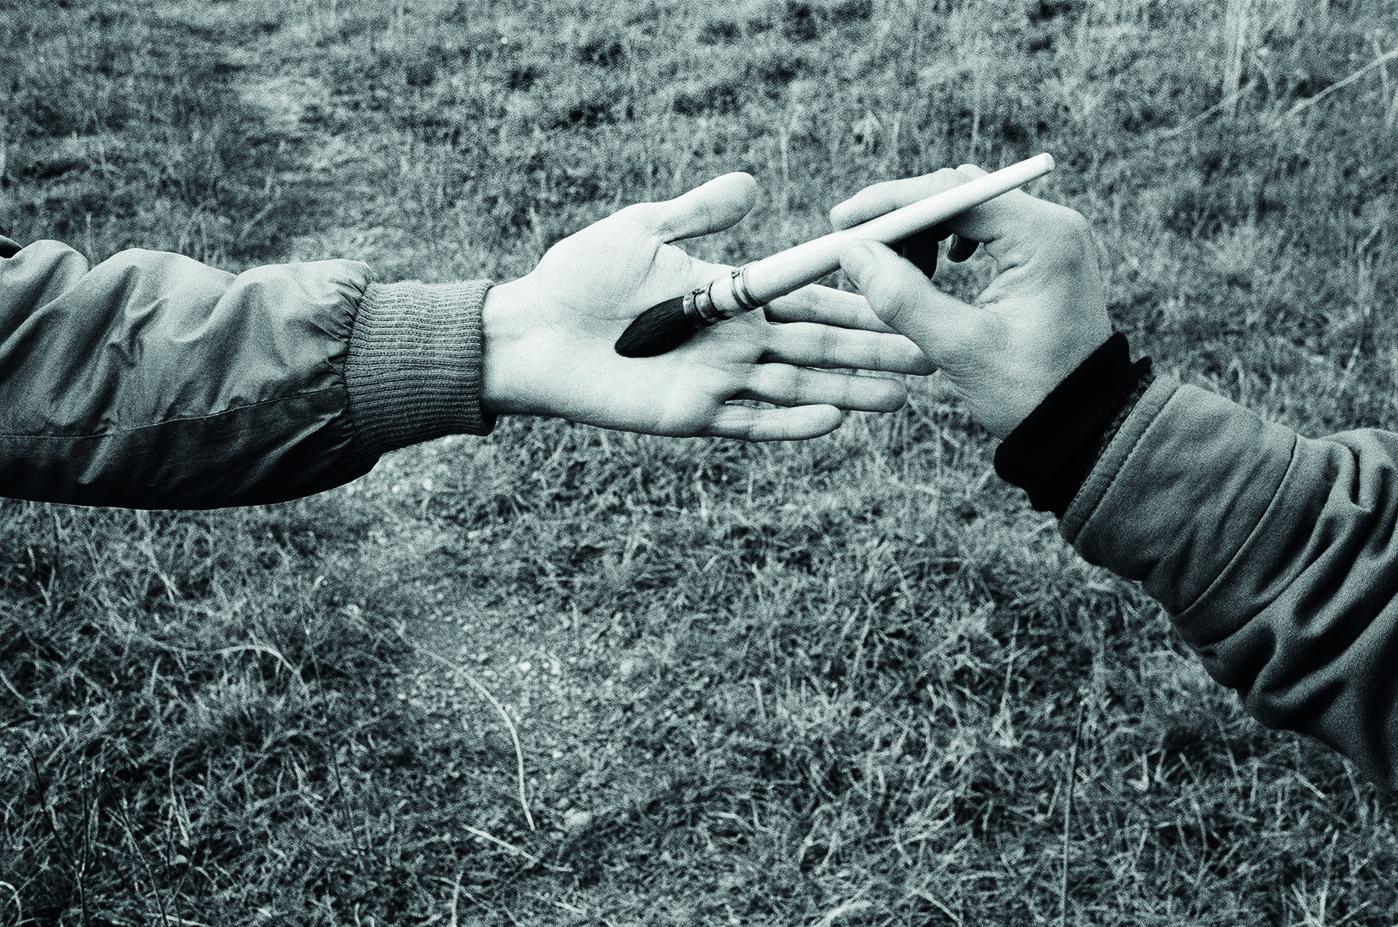 Hervé Guibert photographie